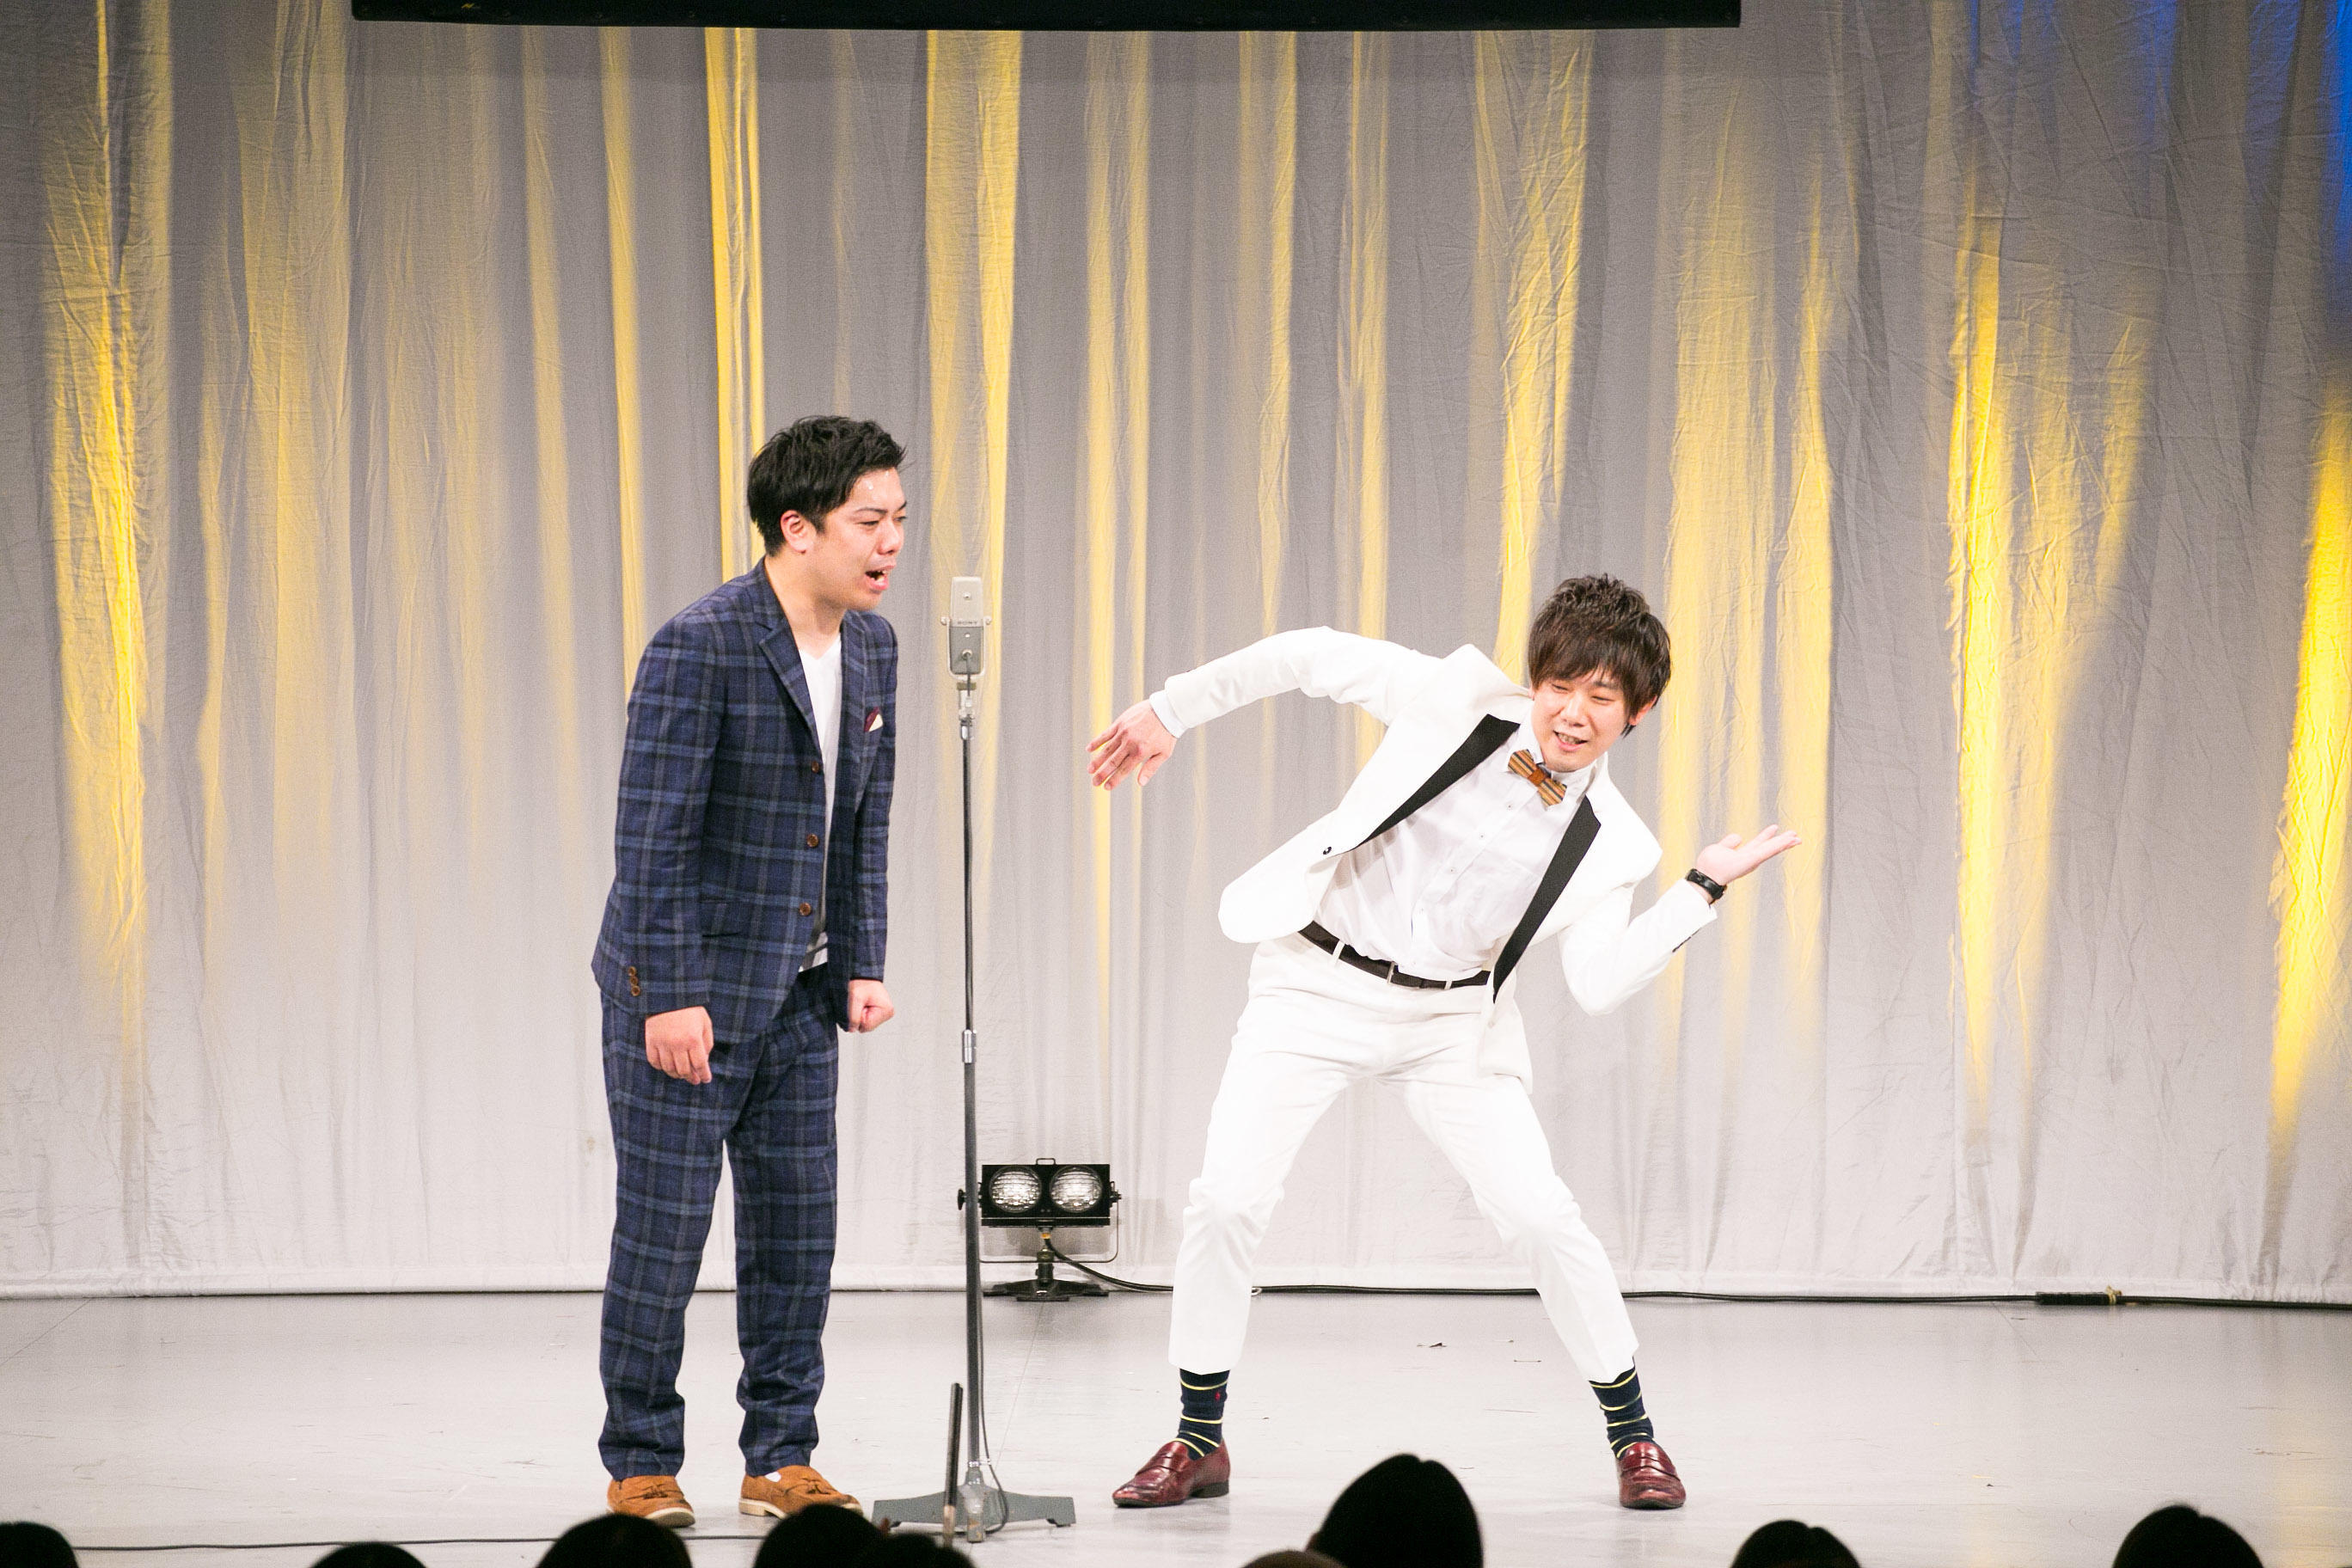 http://news.yoshimoto.co.jp/20180430213914-89ec24516dc689dd7249eaefdb2a1c3aab60bde4.jpg